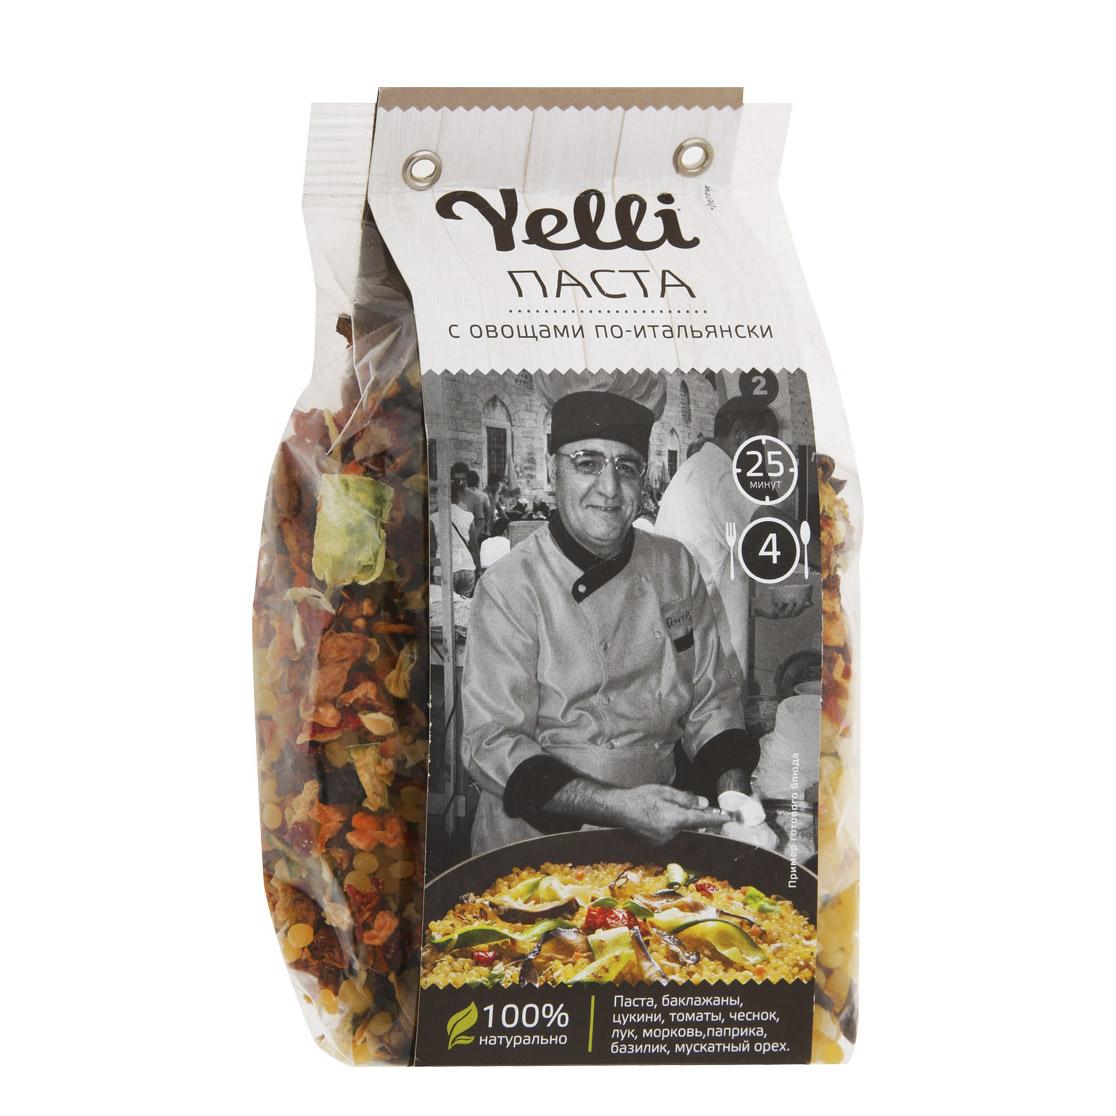 Паста Yelli с овощами по-итальянски 250 г детский супчик yelli kids рисовый с овощами 100 г